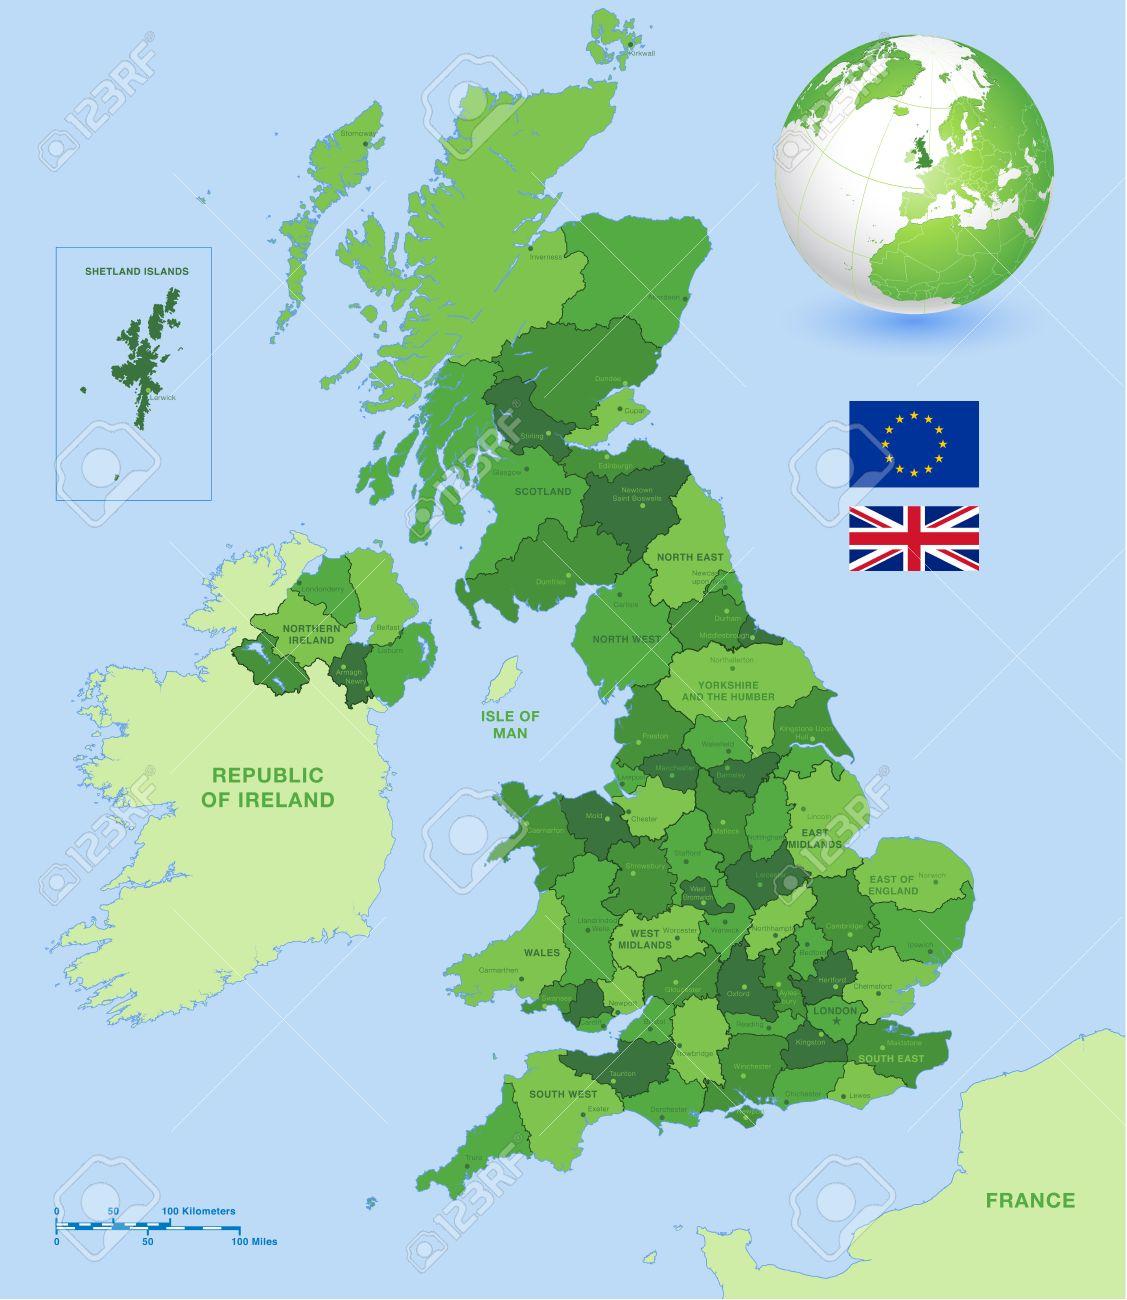 Carte Uk.Un Haut Detail Vecteur Carte De Royaume Uni Regions Les Regions Administratives Et Les Grandes Villes Et Un Globe De Vecteur Avec Uk Souligne